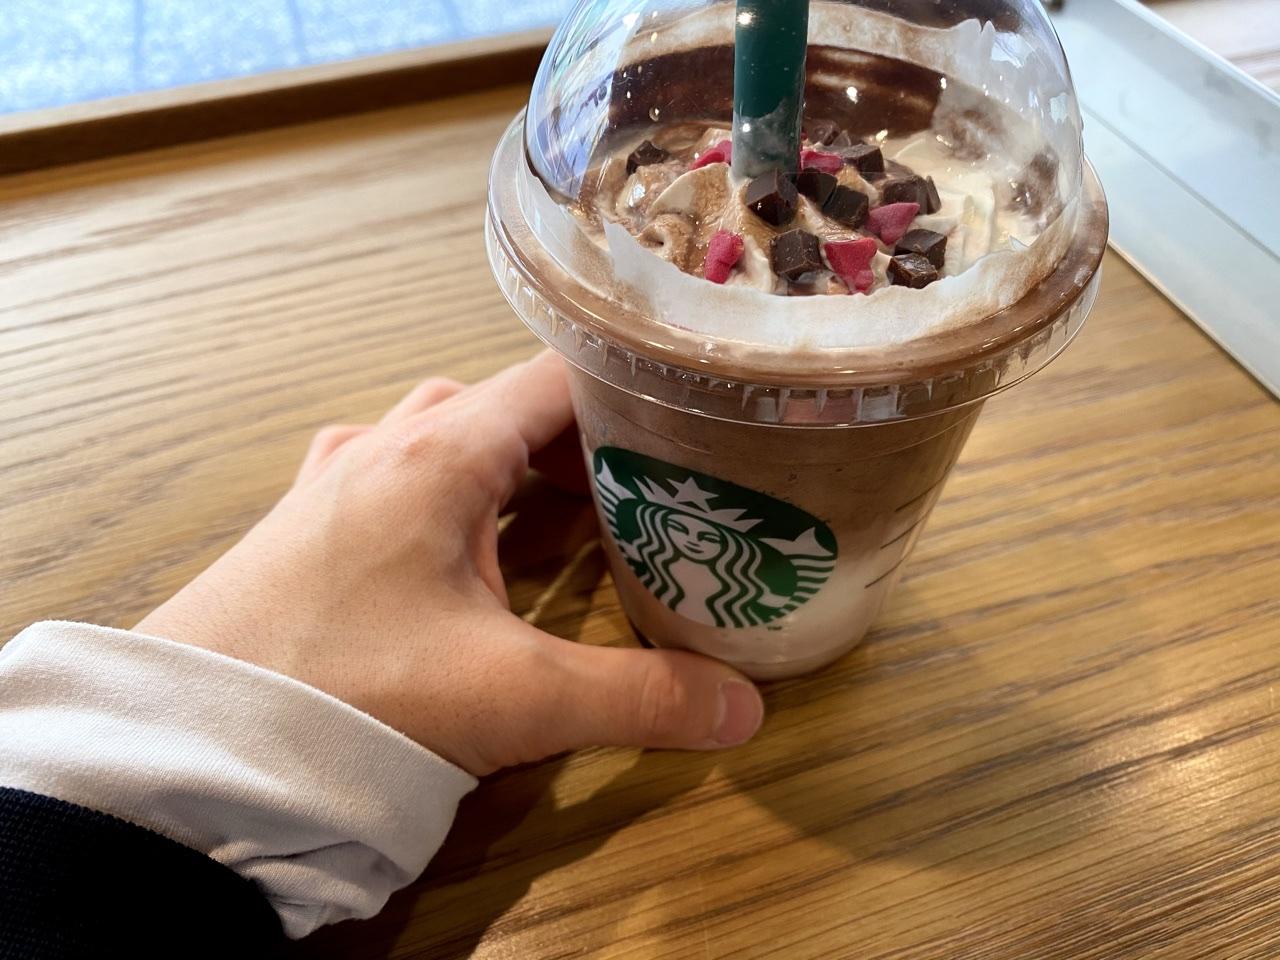 【スタバ新作 2021バレンタイン】メルティ生チョコレートフラペチーノを手に持った写真